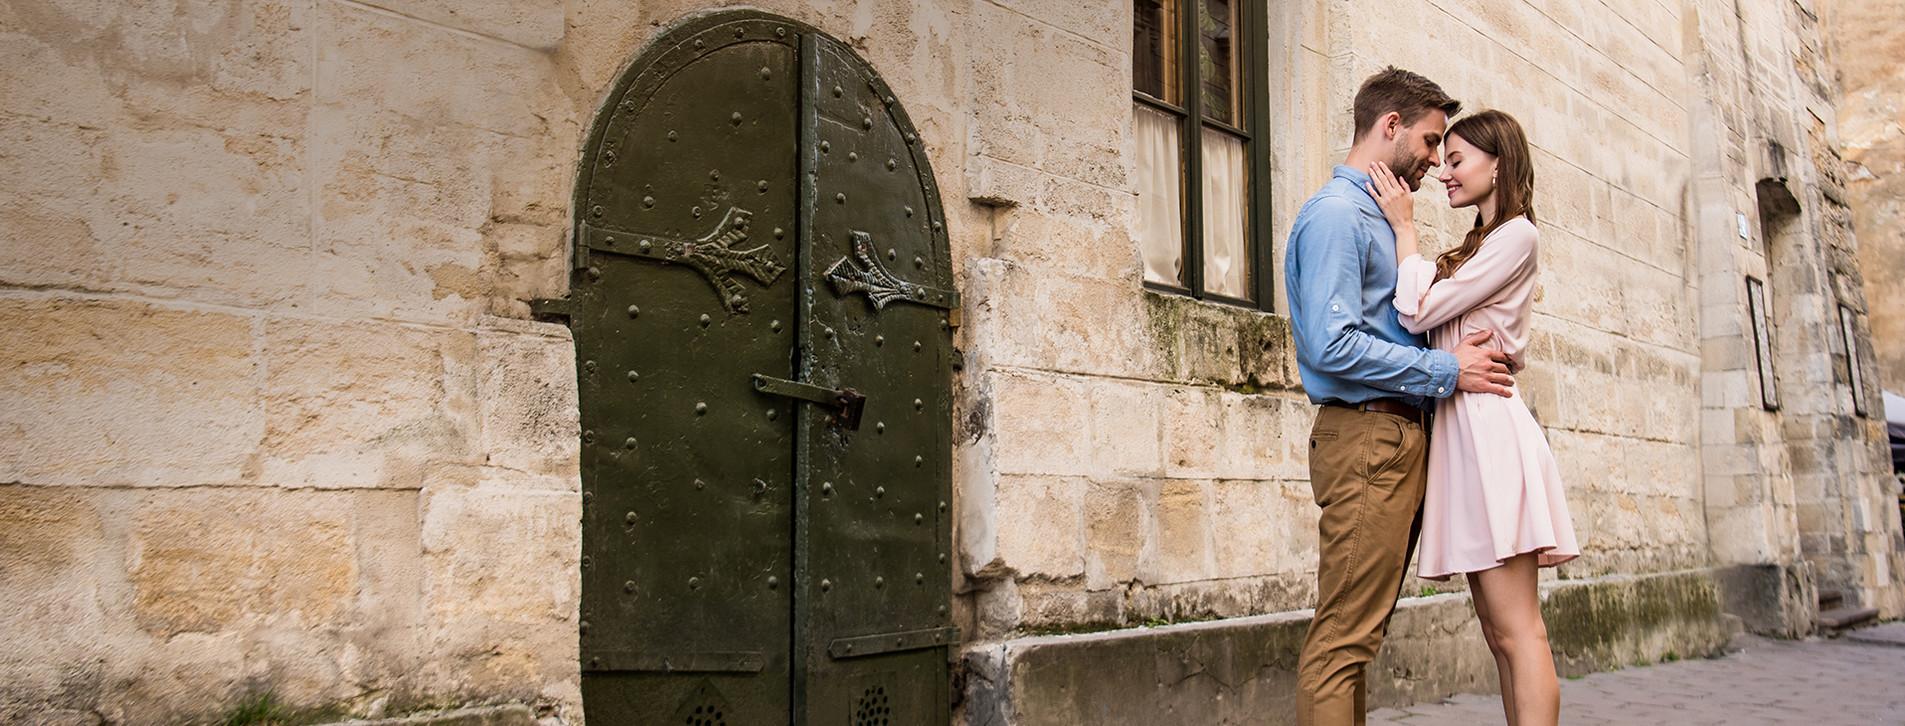 Фото - Міський вікенд у Львові для двох